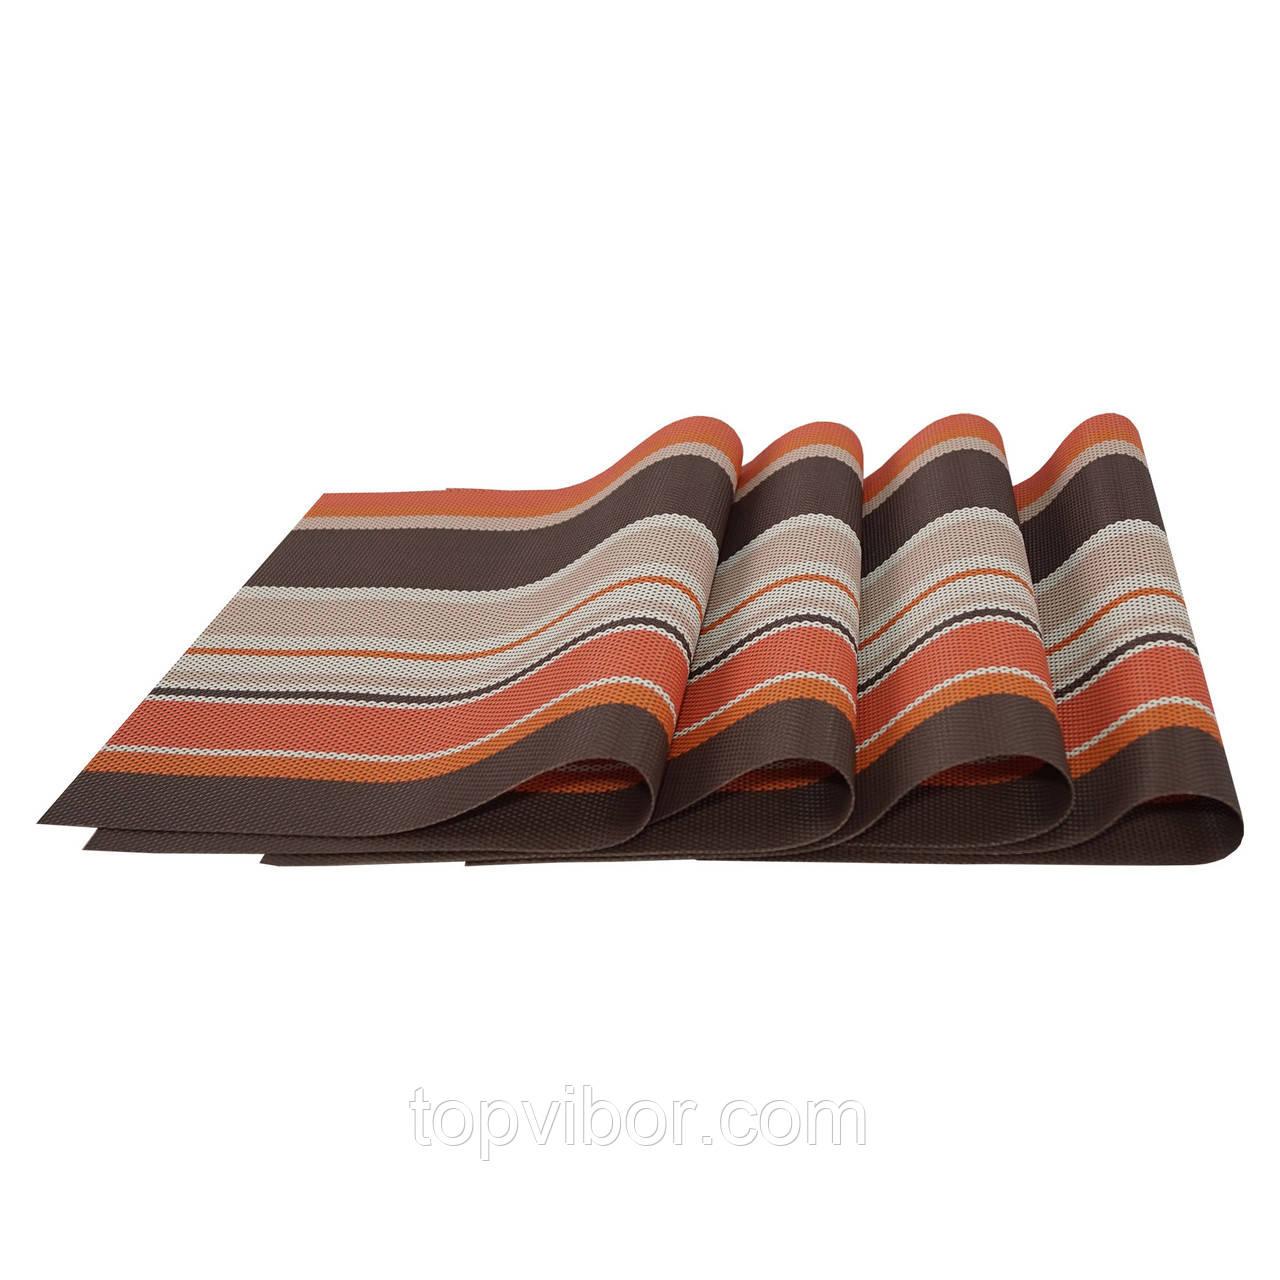 Сервировочные коврики, декоративные, на стол, 4 шт. в наборе, цвет - коричнево-оранжевый